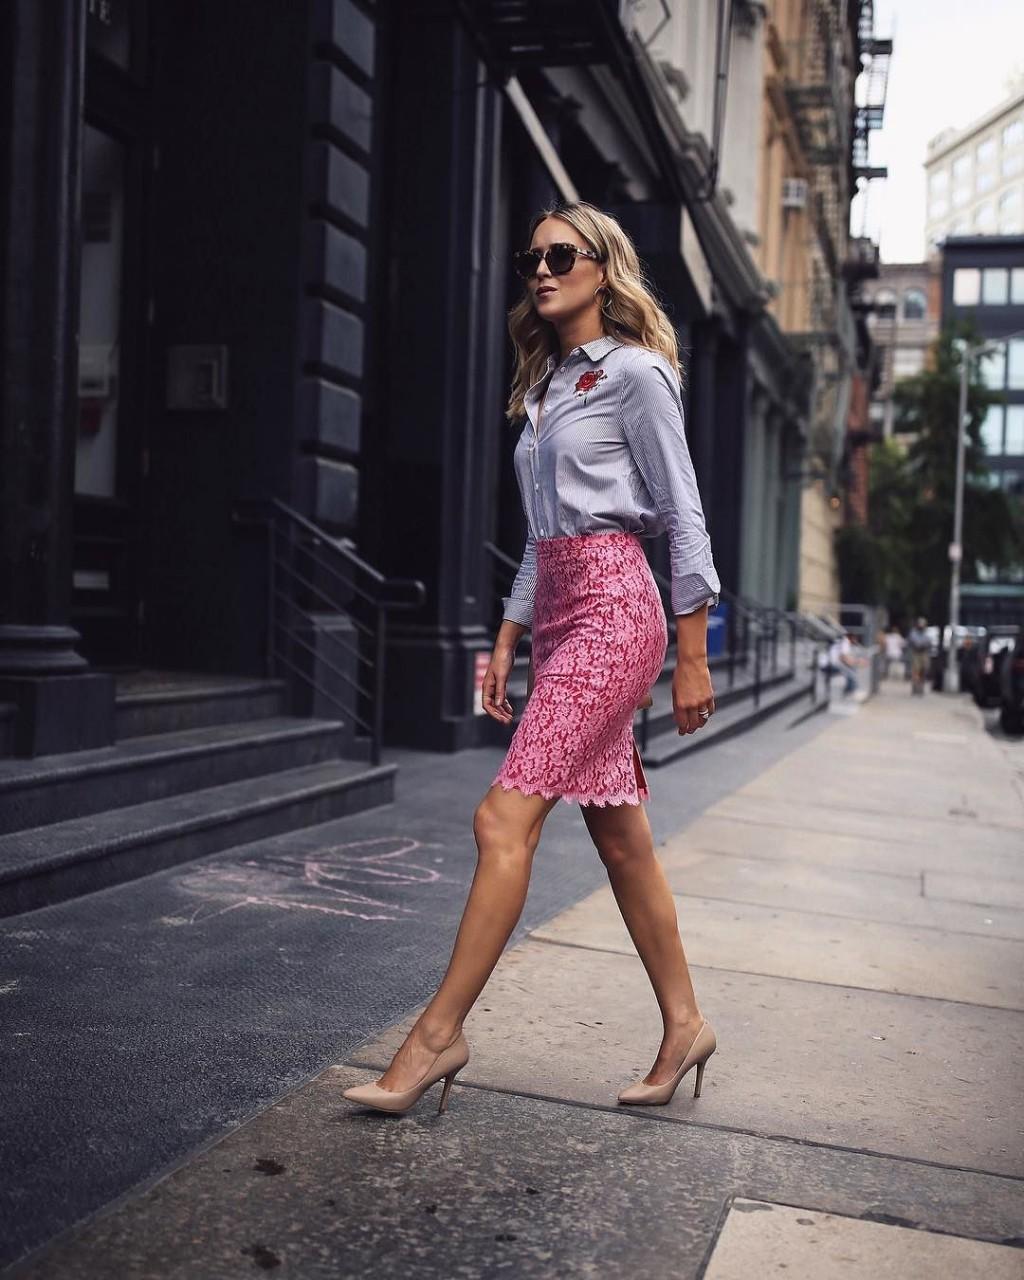 40 советов по стилю, которые помогут каждой женщине выглядеть в 40 лет, лучше чем в 20